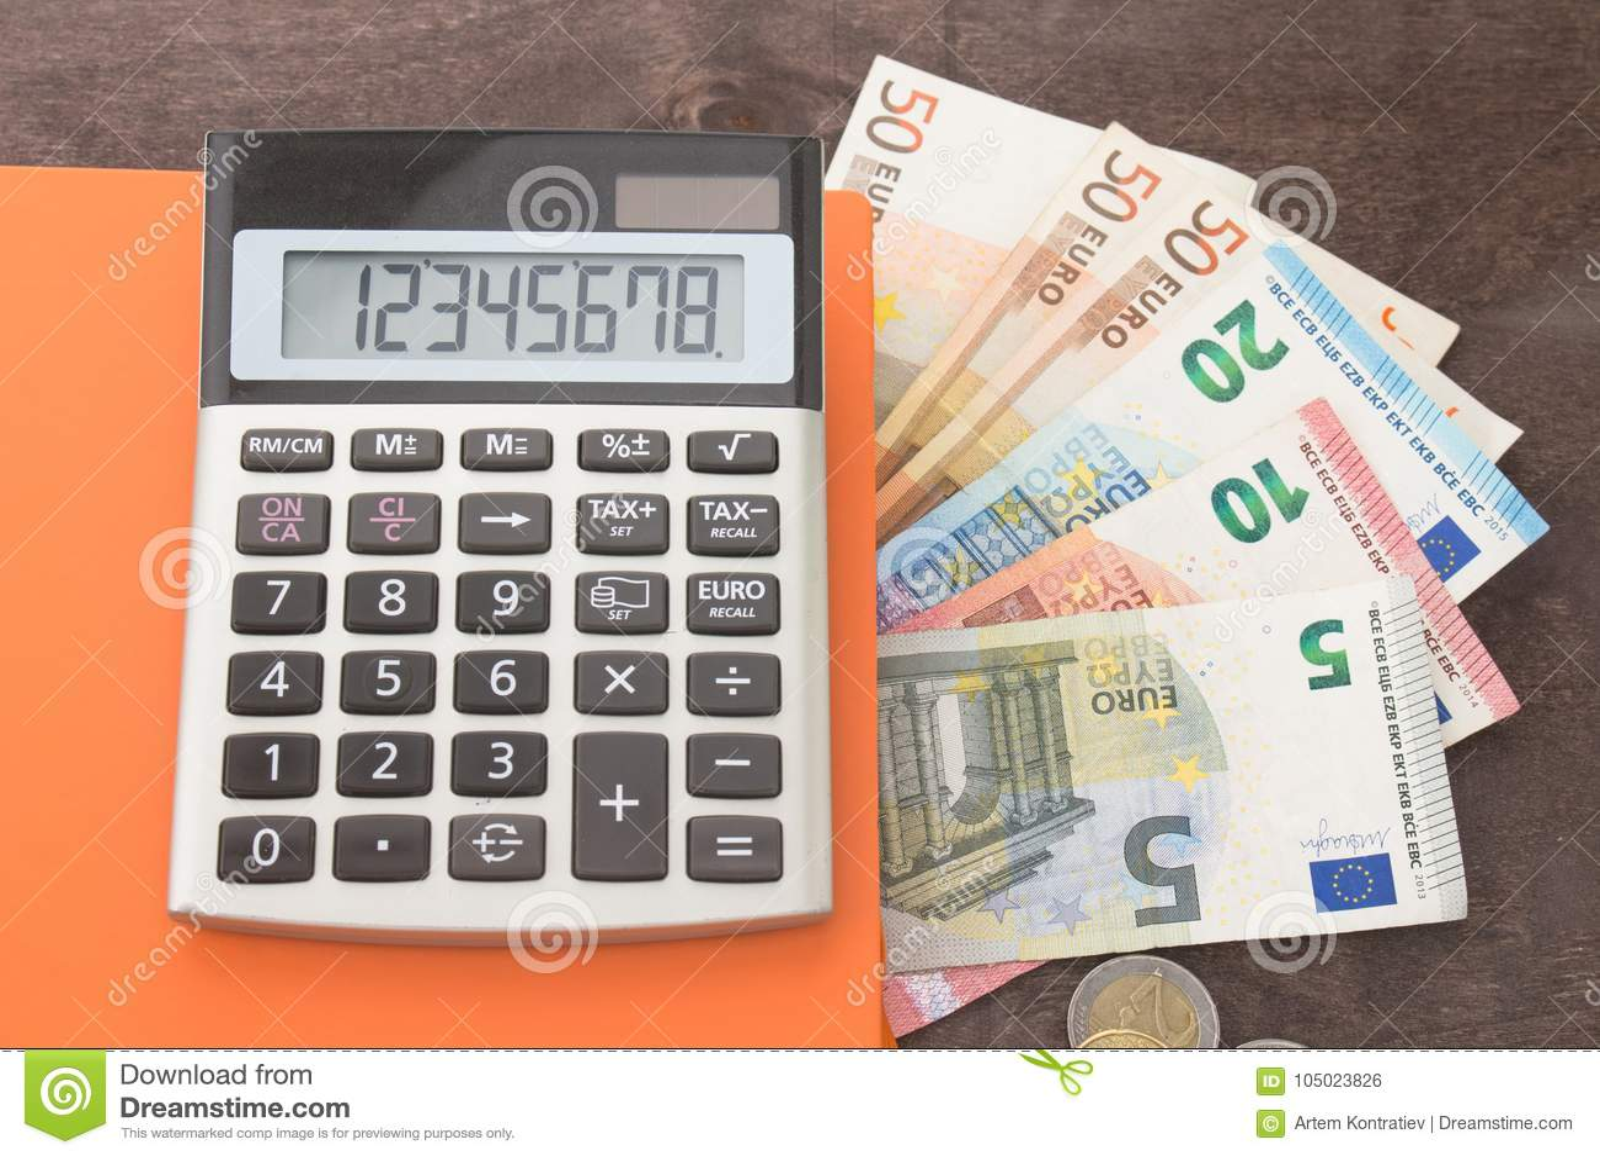 Buchhaltung und Geschäftsführung Banknoten, Taschenrechner andEuro Banknoten auf hölzernem Hintergrund Foto für Steuer, Debet und